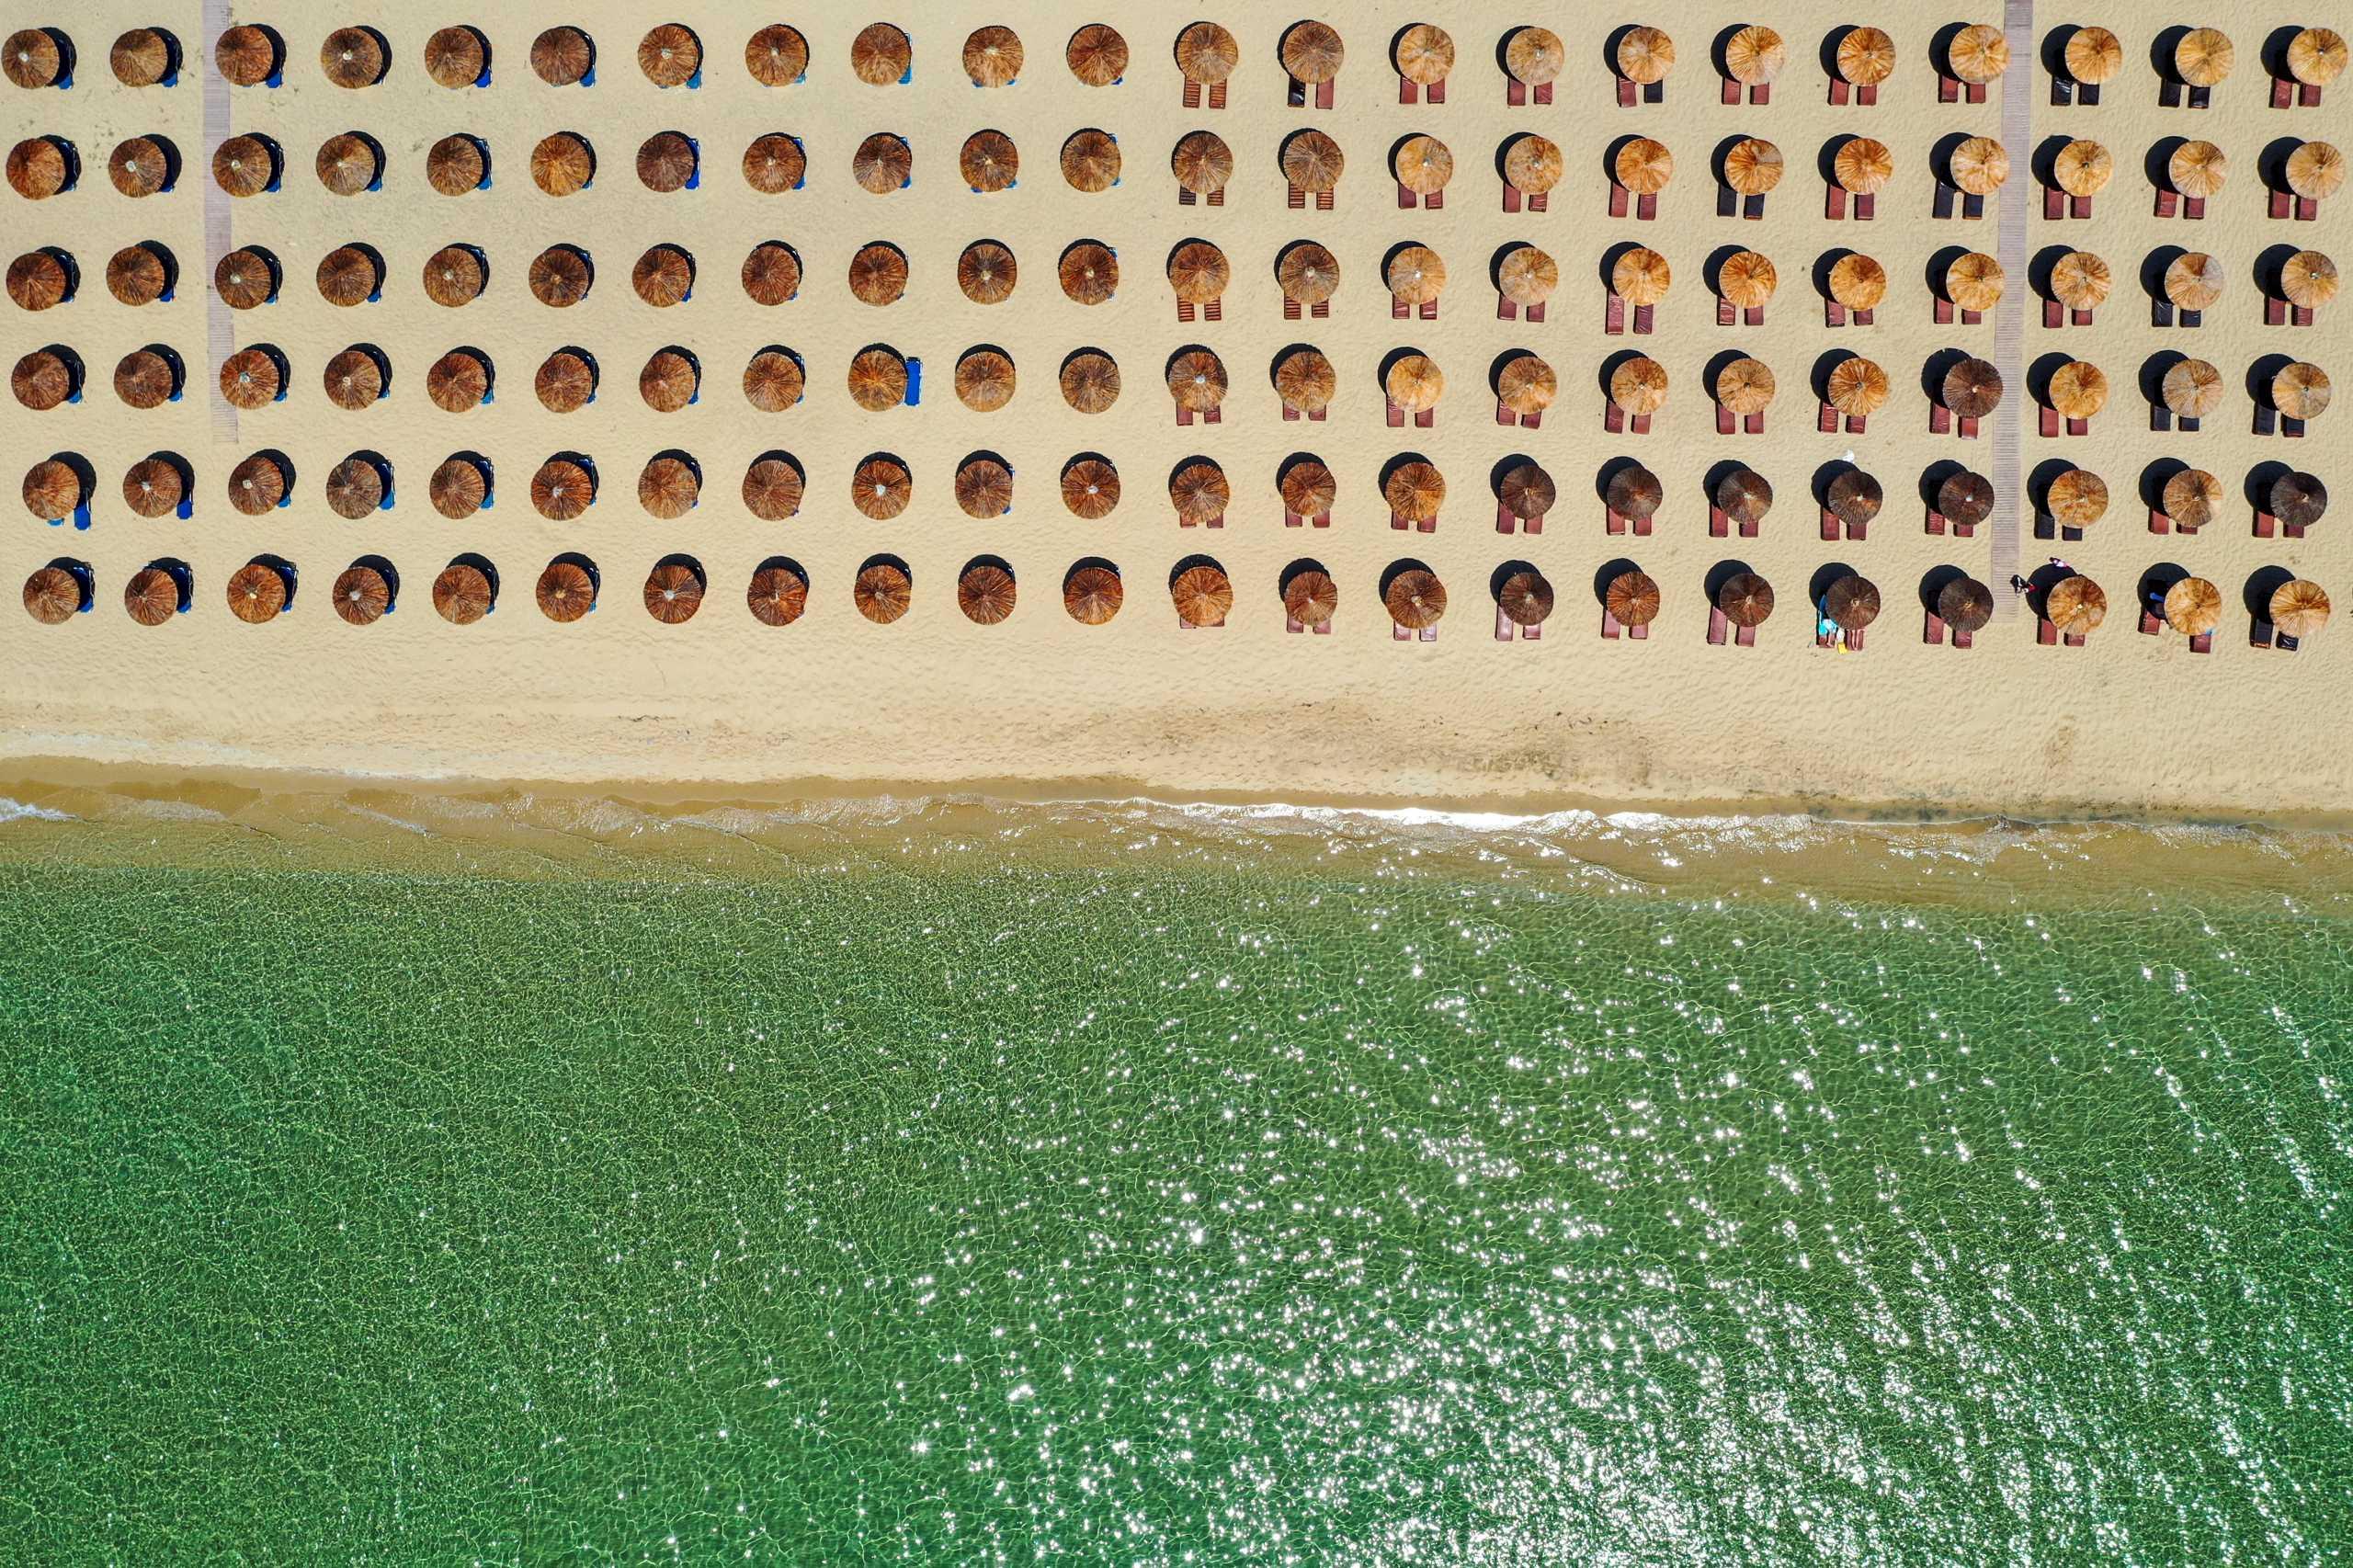 Ελληνικές παραλίες: Ο Μάγειρας της Ελλάδας με τα κρυστάλλινα νερά και την ψιλή άμμο